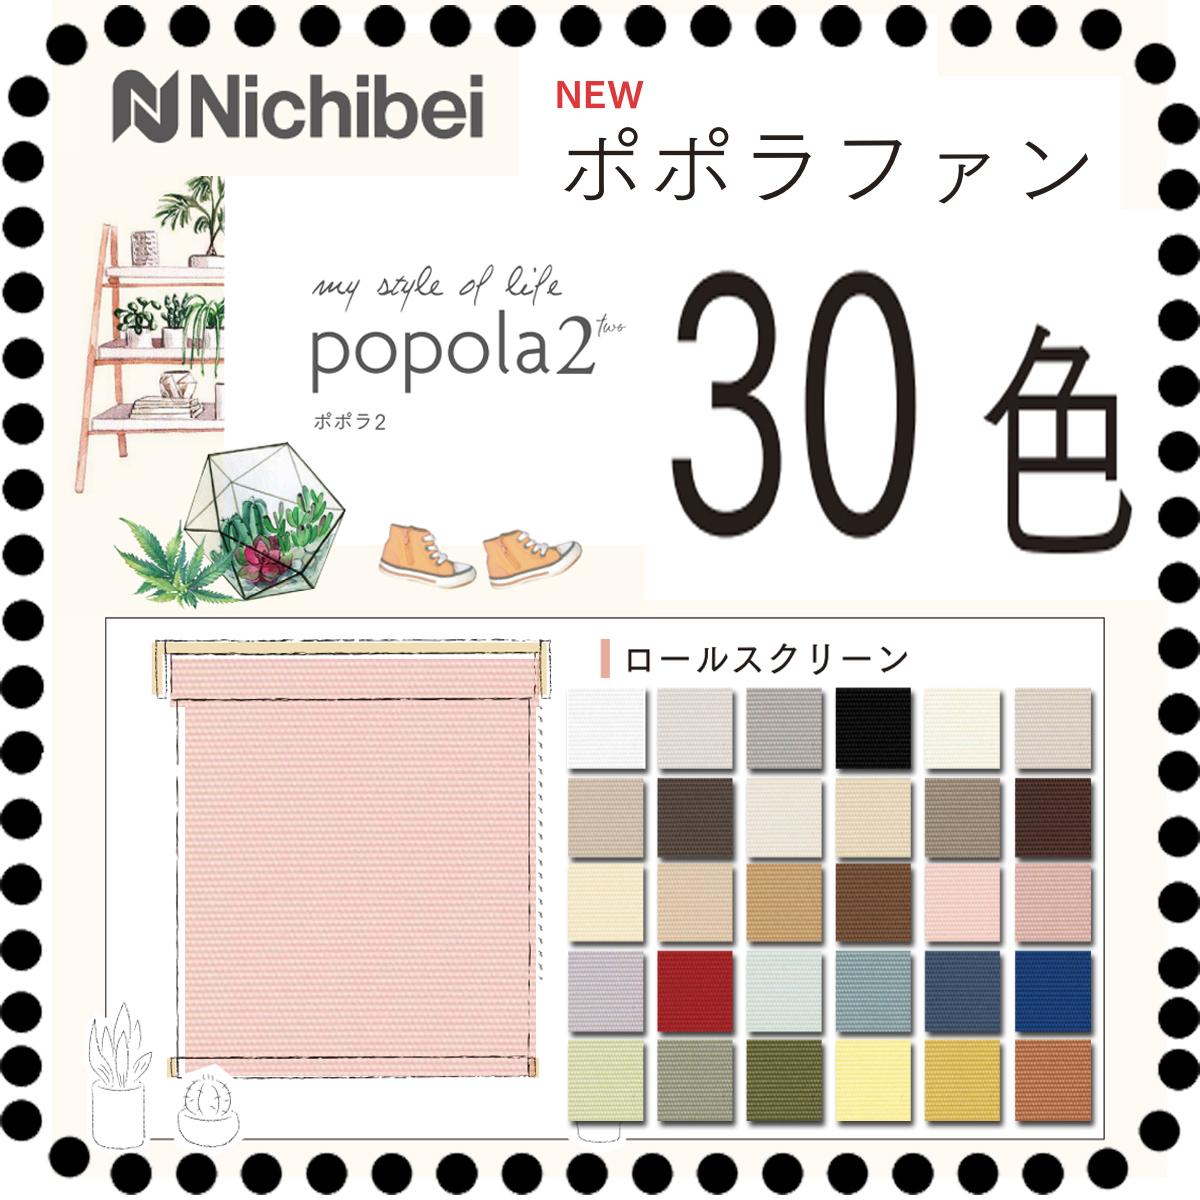 【ニチベイ】ロールスクリーン ポポラ2 ポポラファン 30色 ダブルタイプもあり ロールカーテン オーダーサイズ_画像1